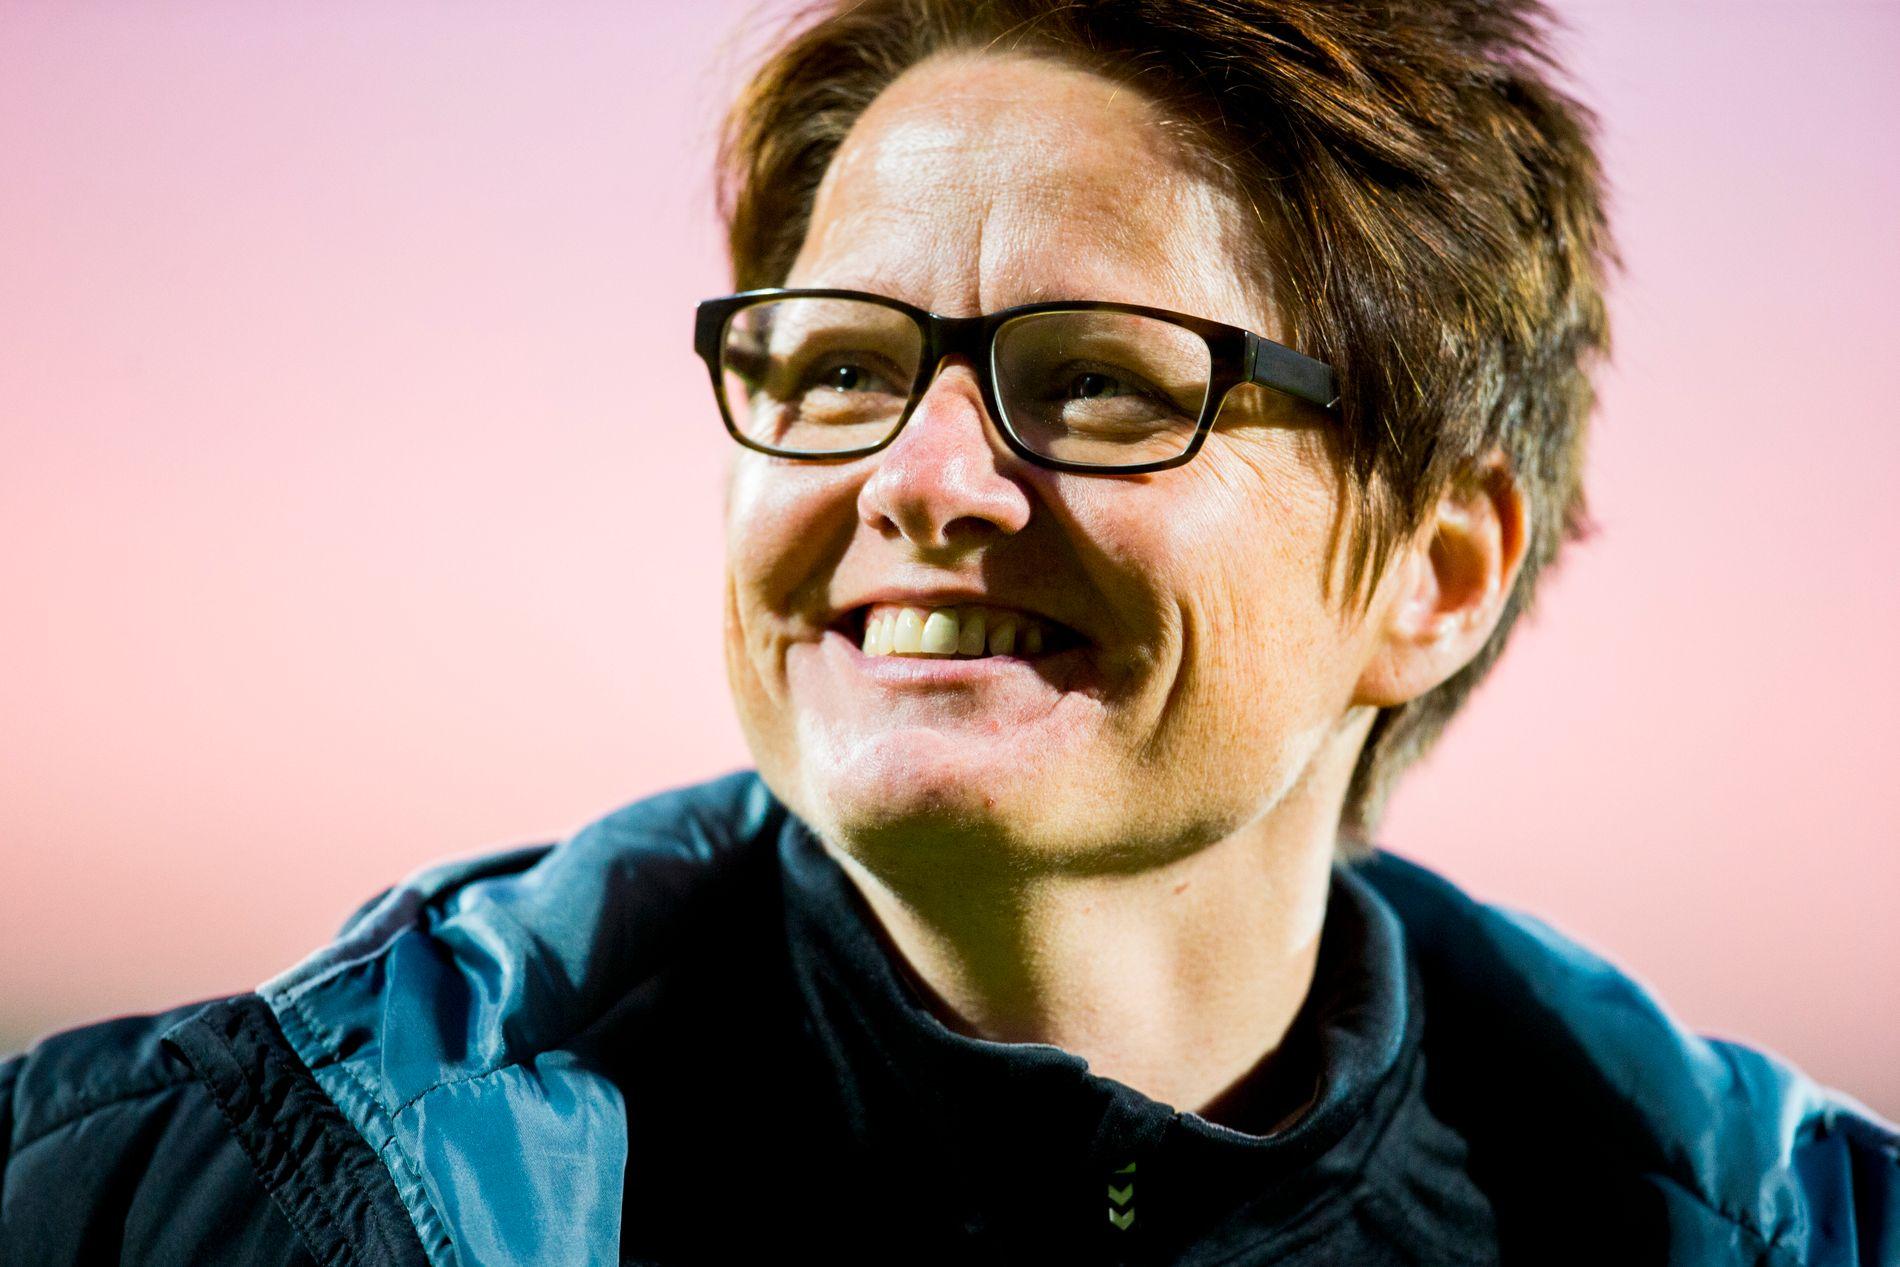 SUKSESSTRENER: Monica Knudsen har ledet LSK Kvinner til seier i serie og cup tre år på rad. Nå kan hun bli ny landslagssjef for kvinner.